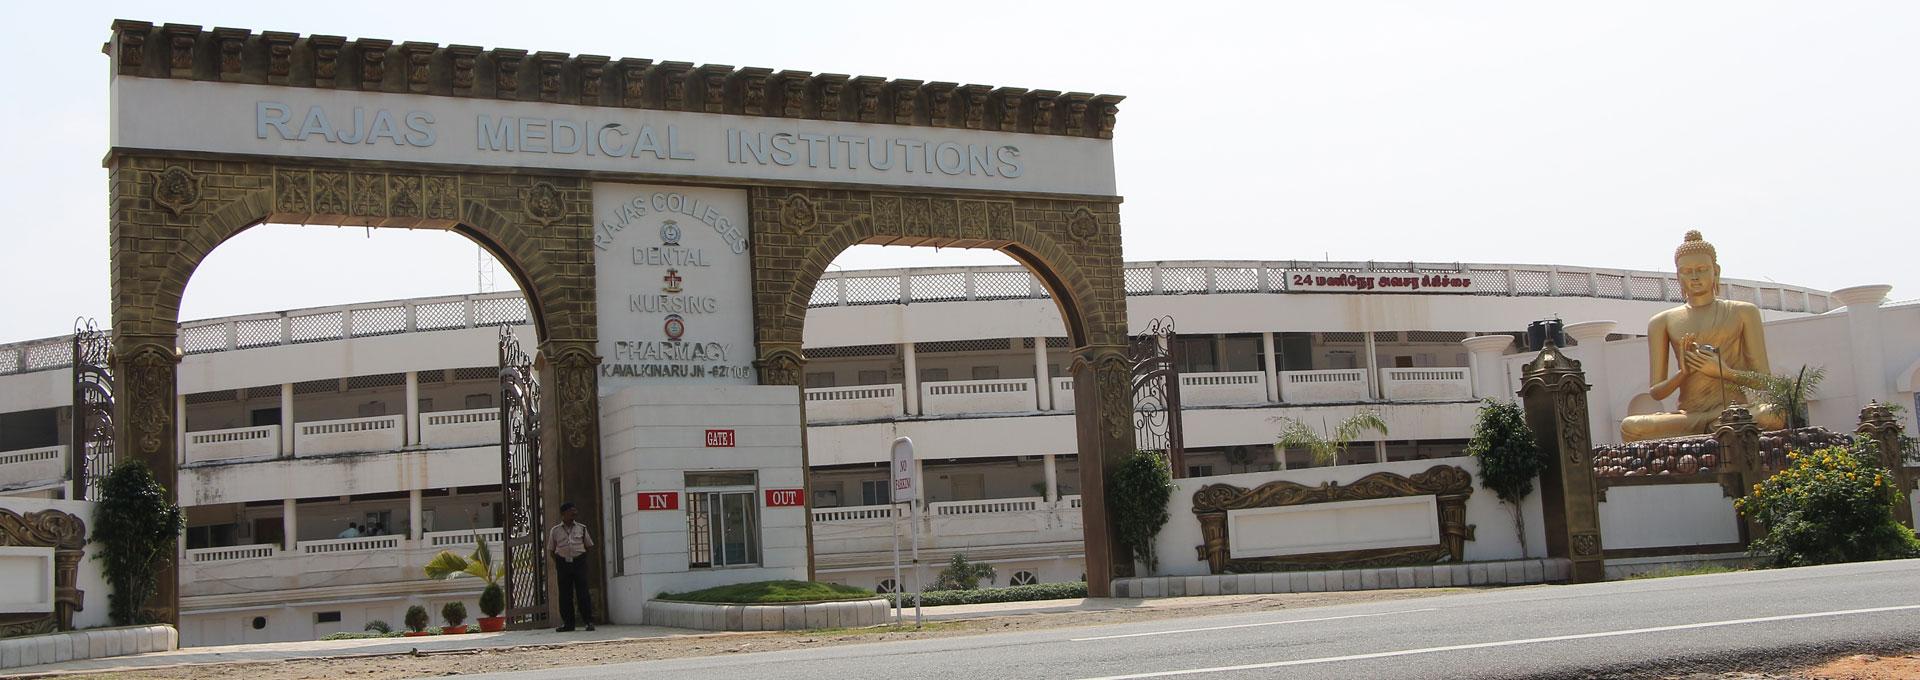 Rajas Dental College and Hospital, Tirunelveli Image